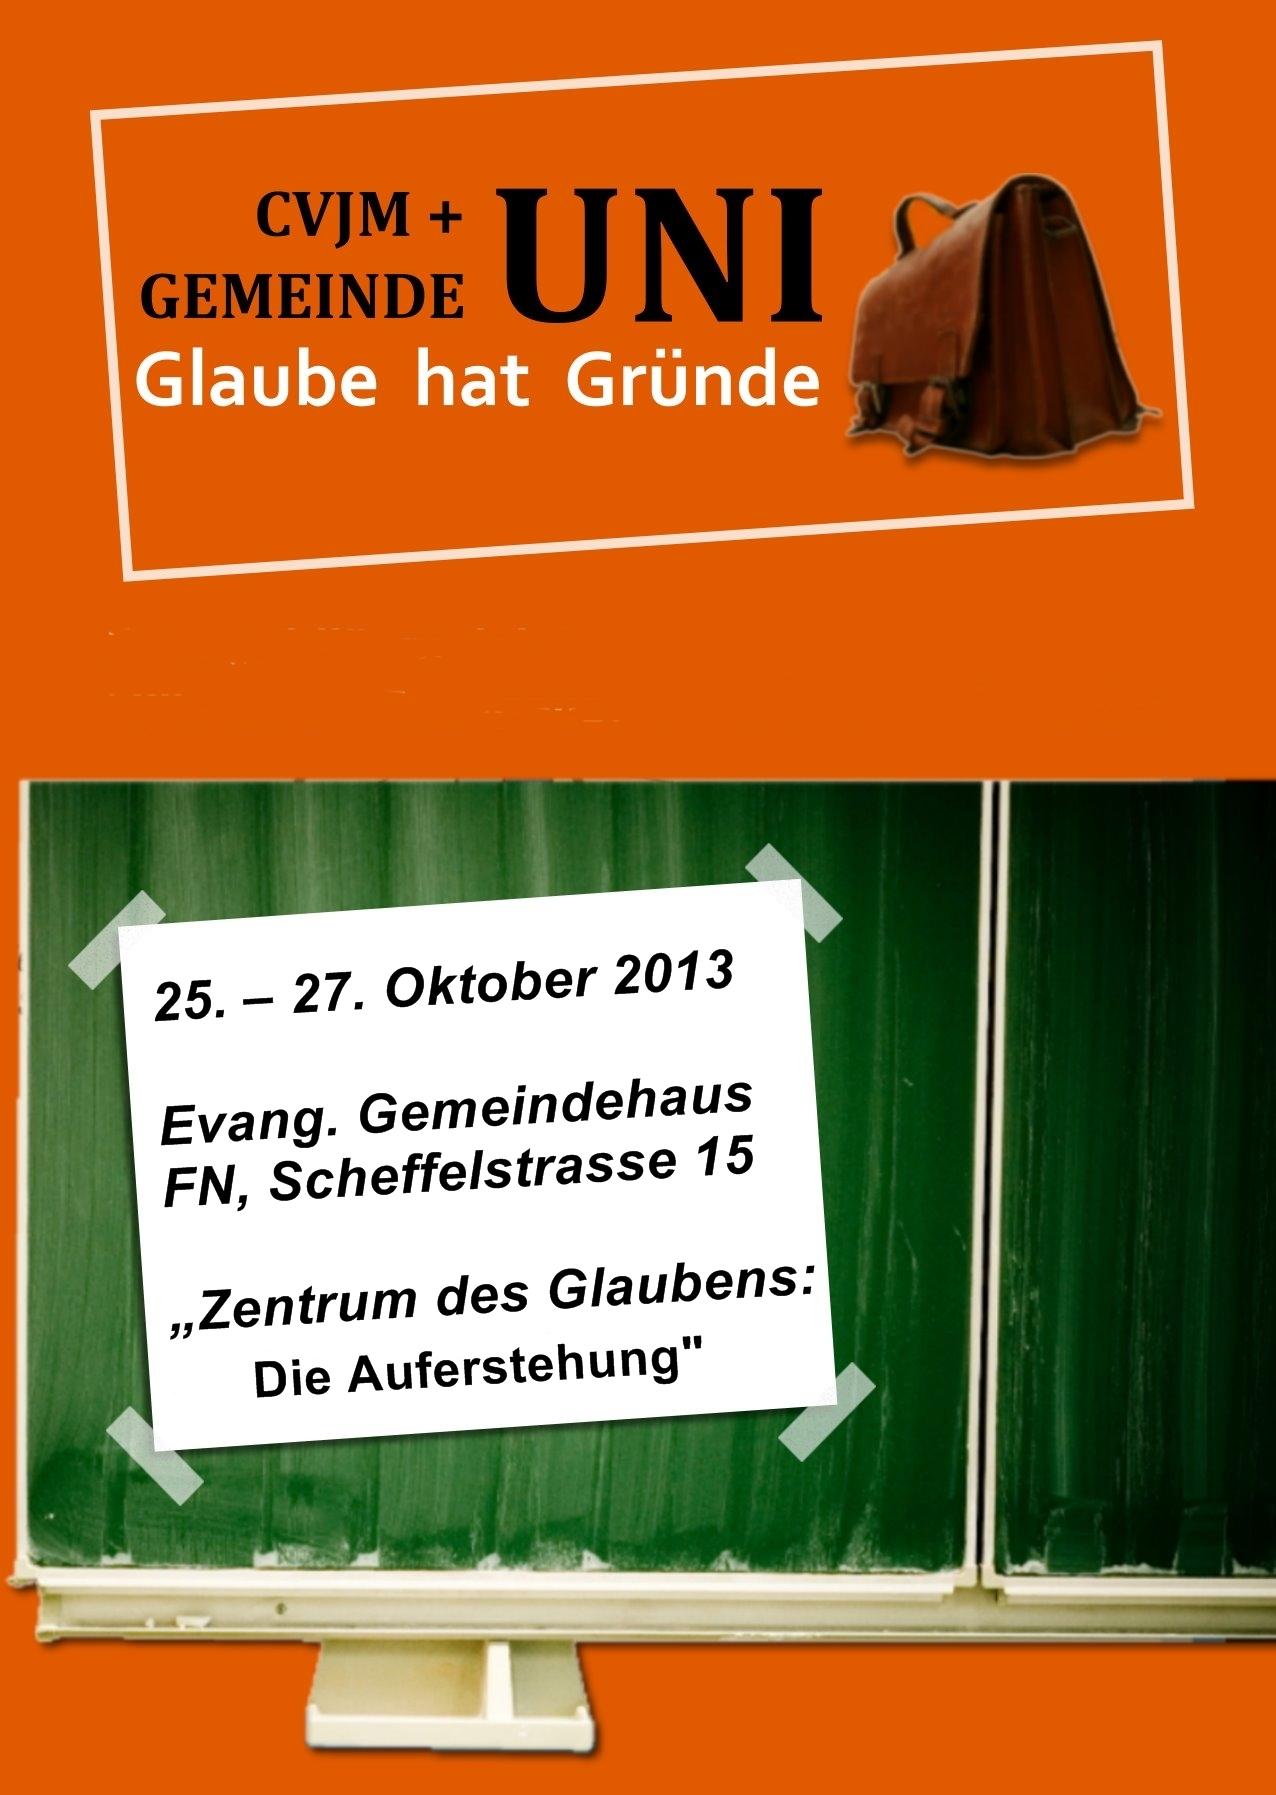 Bild CVJM- und Gemeinde-Uni 2013